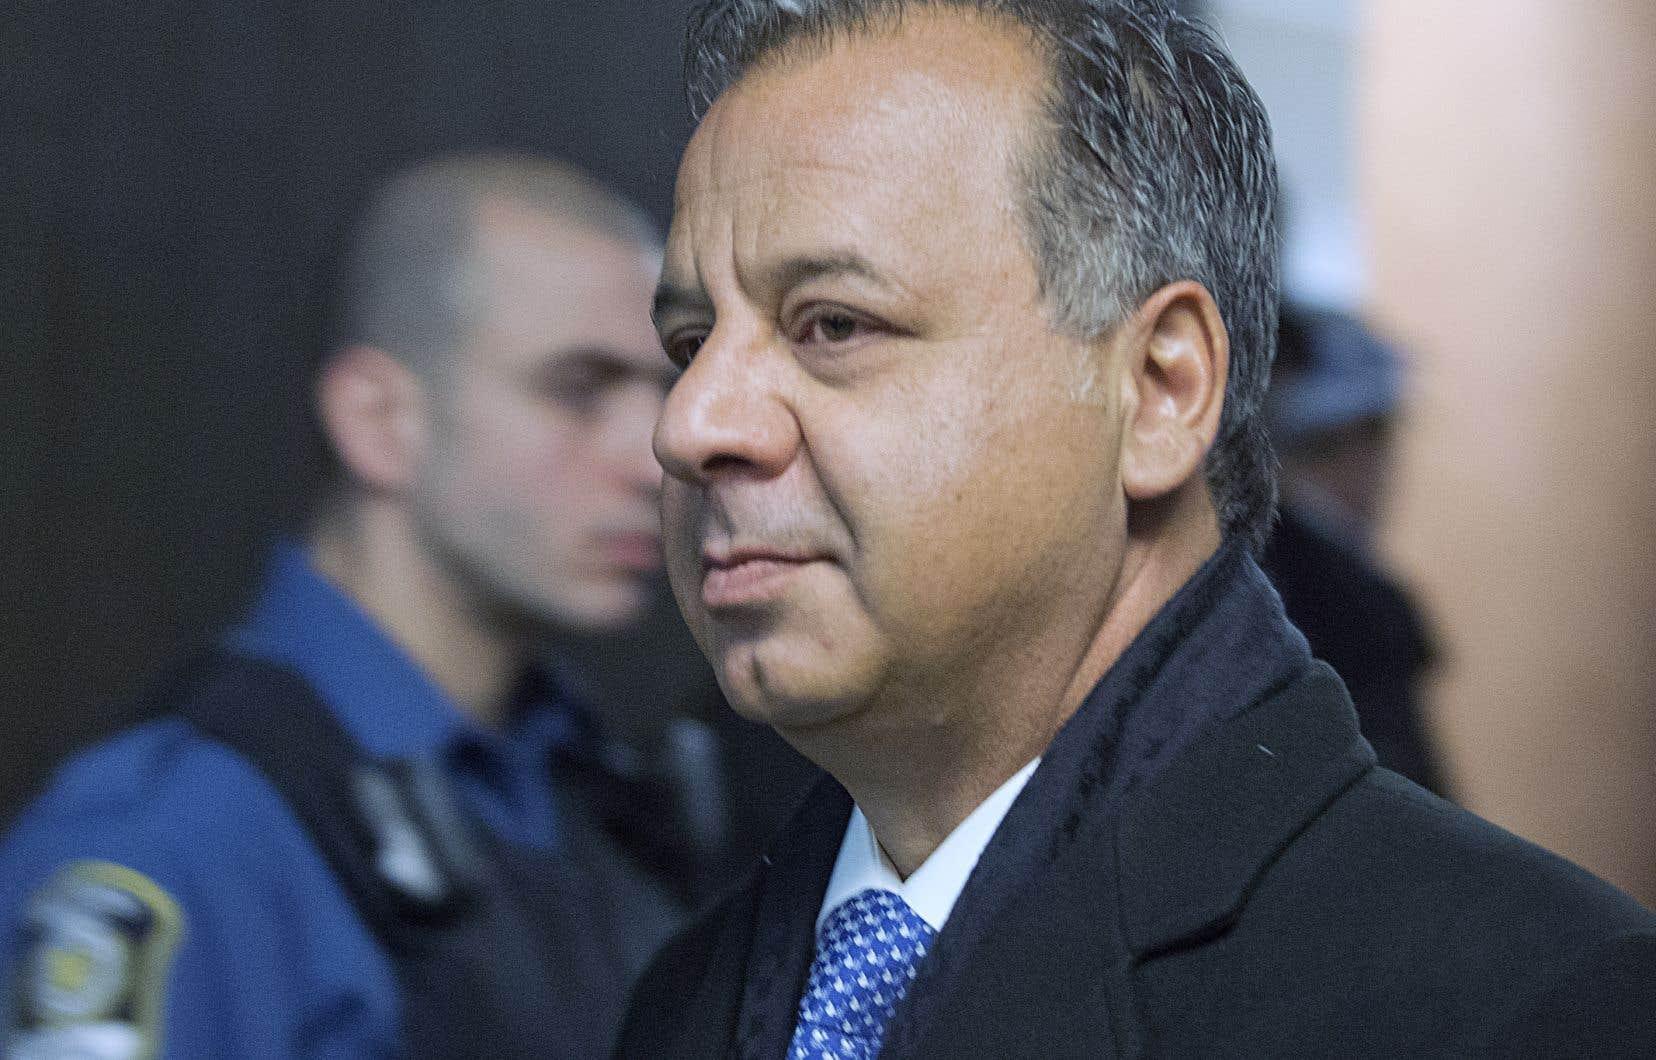 En tant que dirigeant de l'entreprise fondée par son père, Paolo Catania était lié à 149 chefs d'accusation et s'exposait à des amendes totalisant plus de 4millions de dollars.